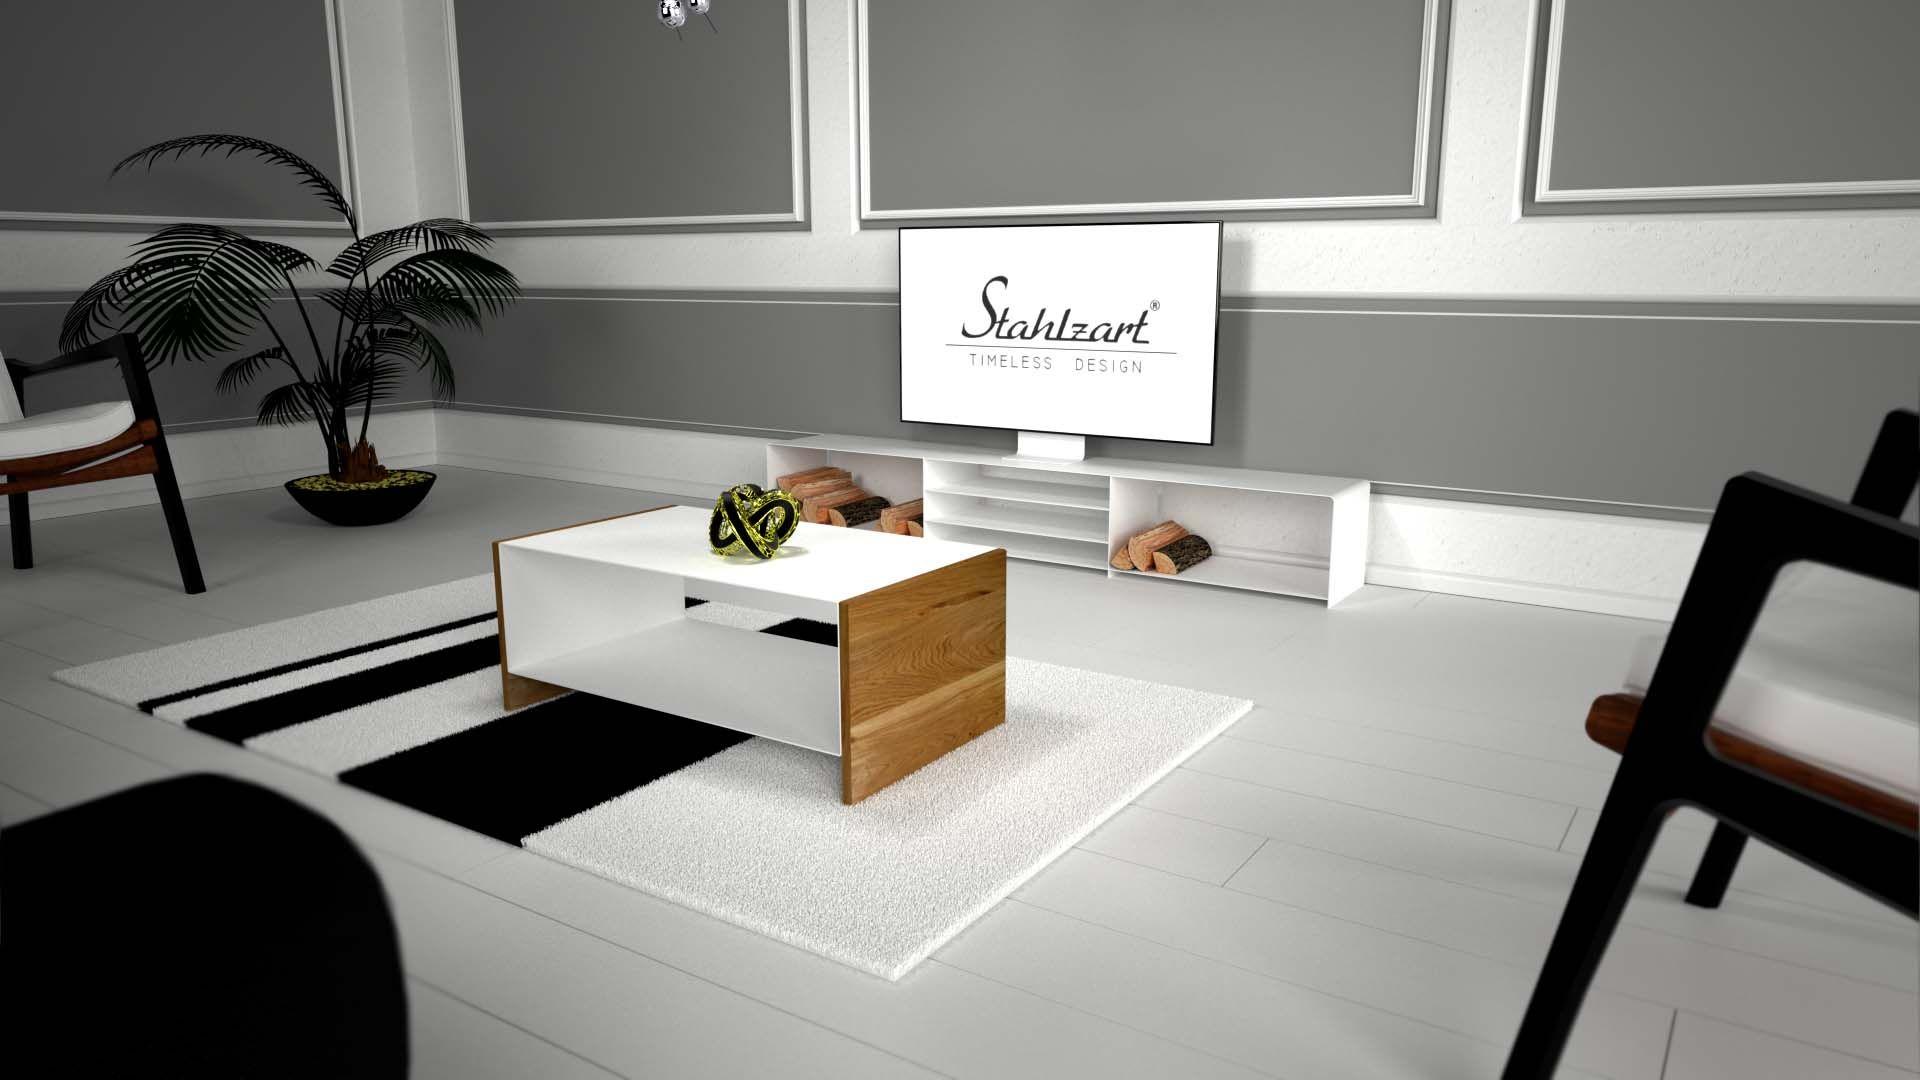 Innenarchitektur Couchtisch Weiß Mit Holz Das Beste Von Couchtisch-weiss-holz-eiche-design-modern-schwarz-wohnzimmer-